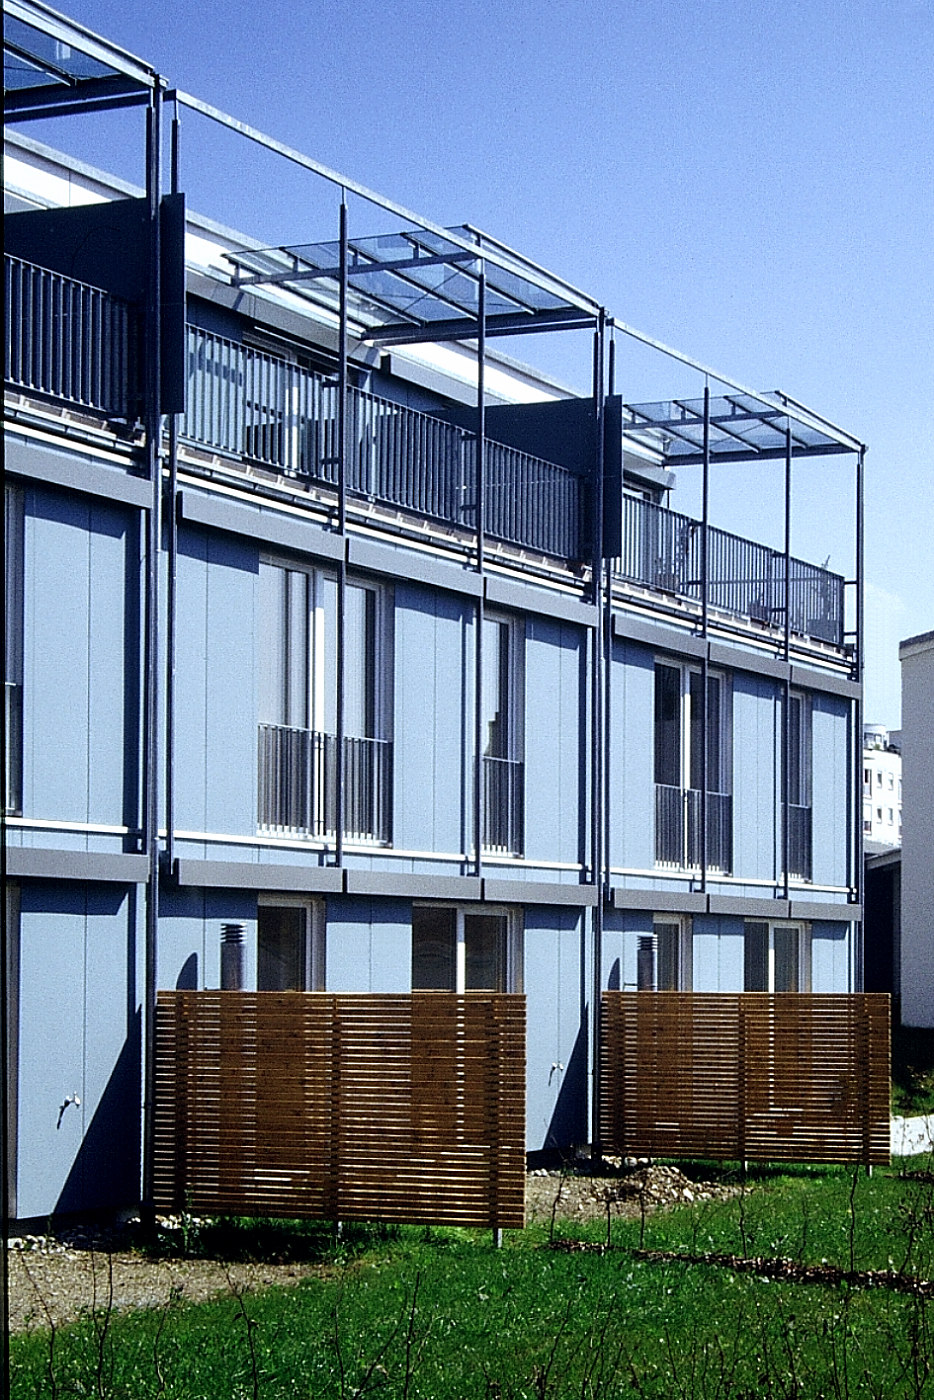 Häuser mit geschützten Dachterrassen